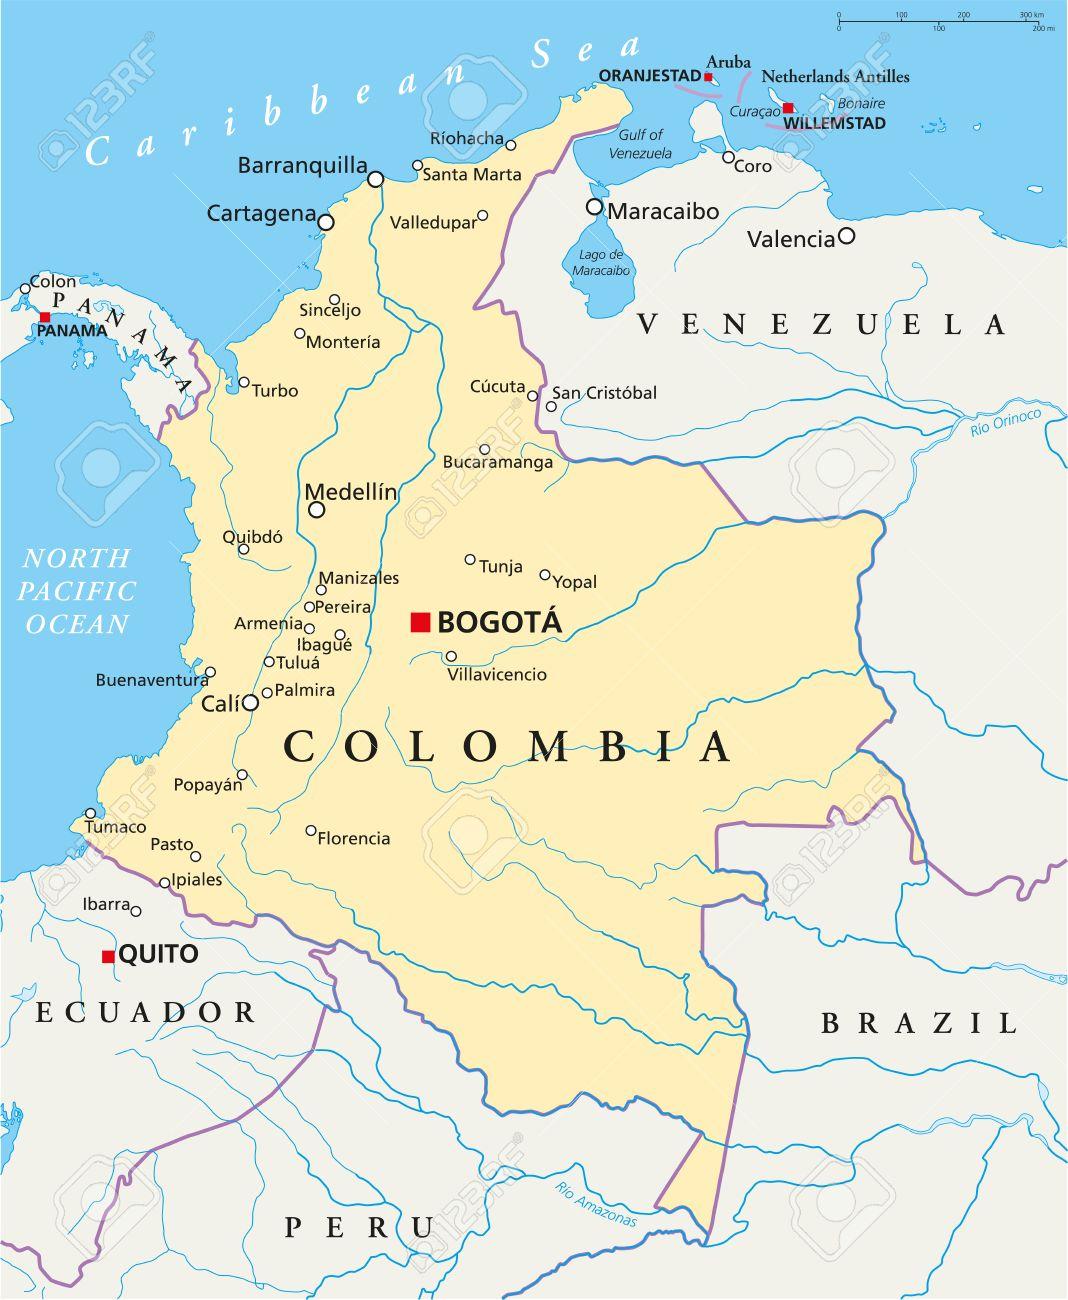 Mapa De Colombia Ciudades.Colombia Mapa Politico Con La Capital Bogota De Las Fronteras Nacionales Las Ciudades Mas Importantes Rios Y Lagos Ilustracion Con Etiquetado